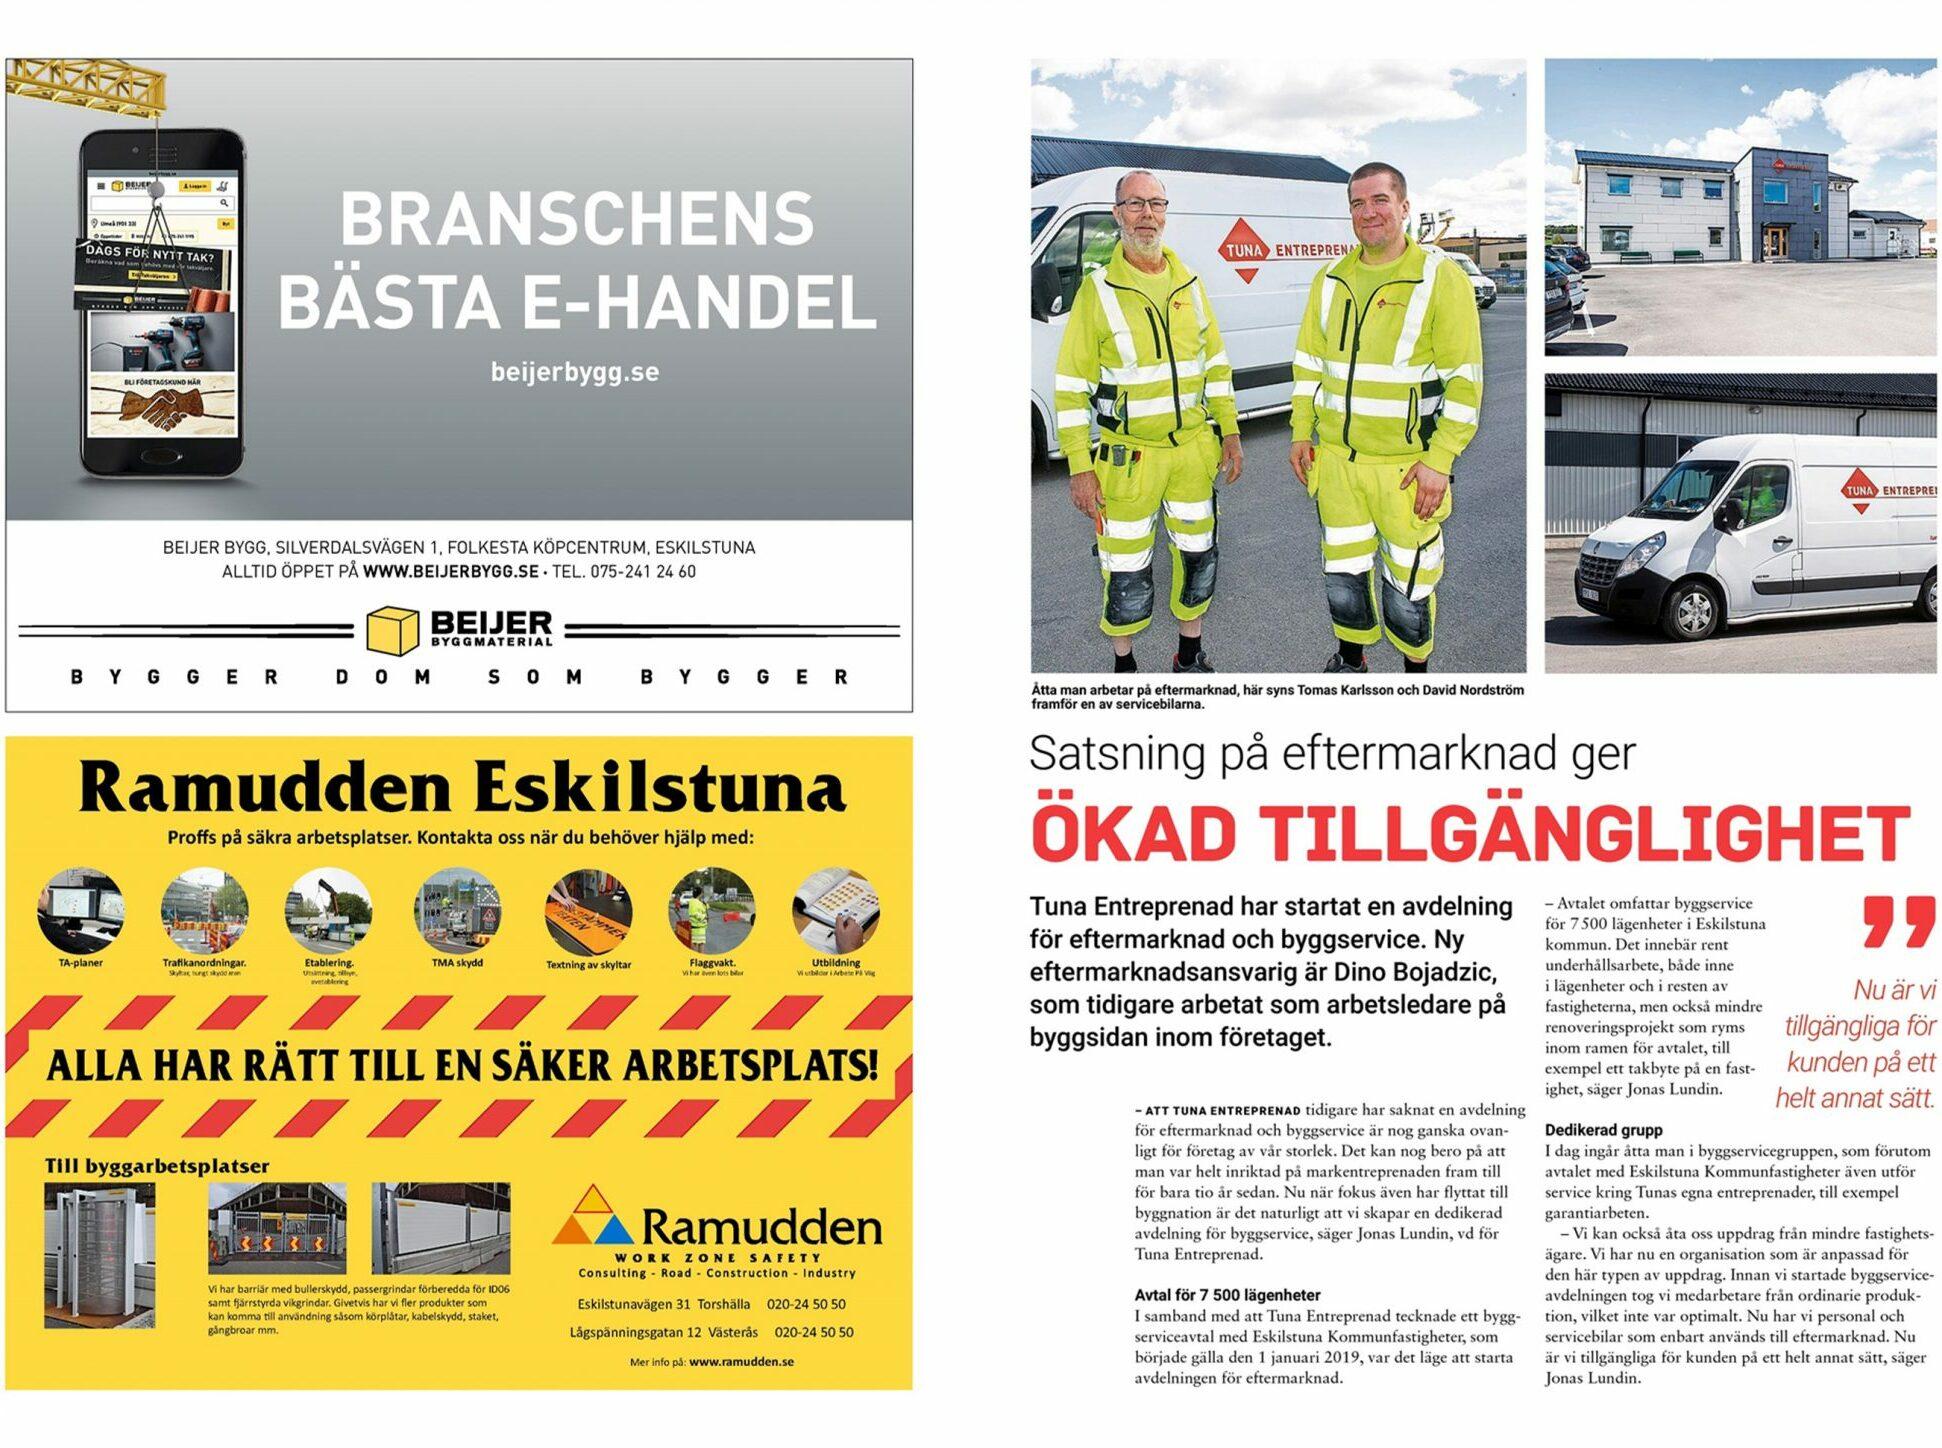 Tidning_sida_4-5